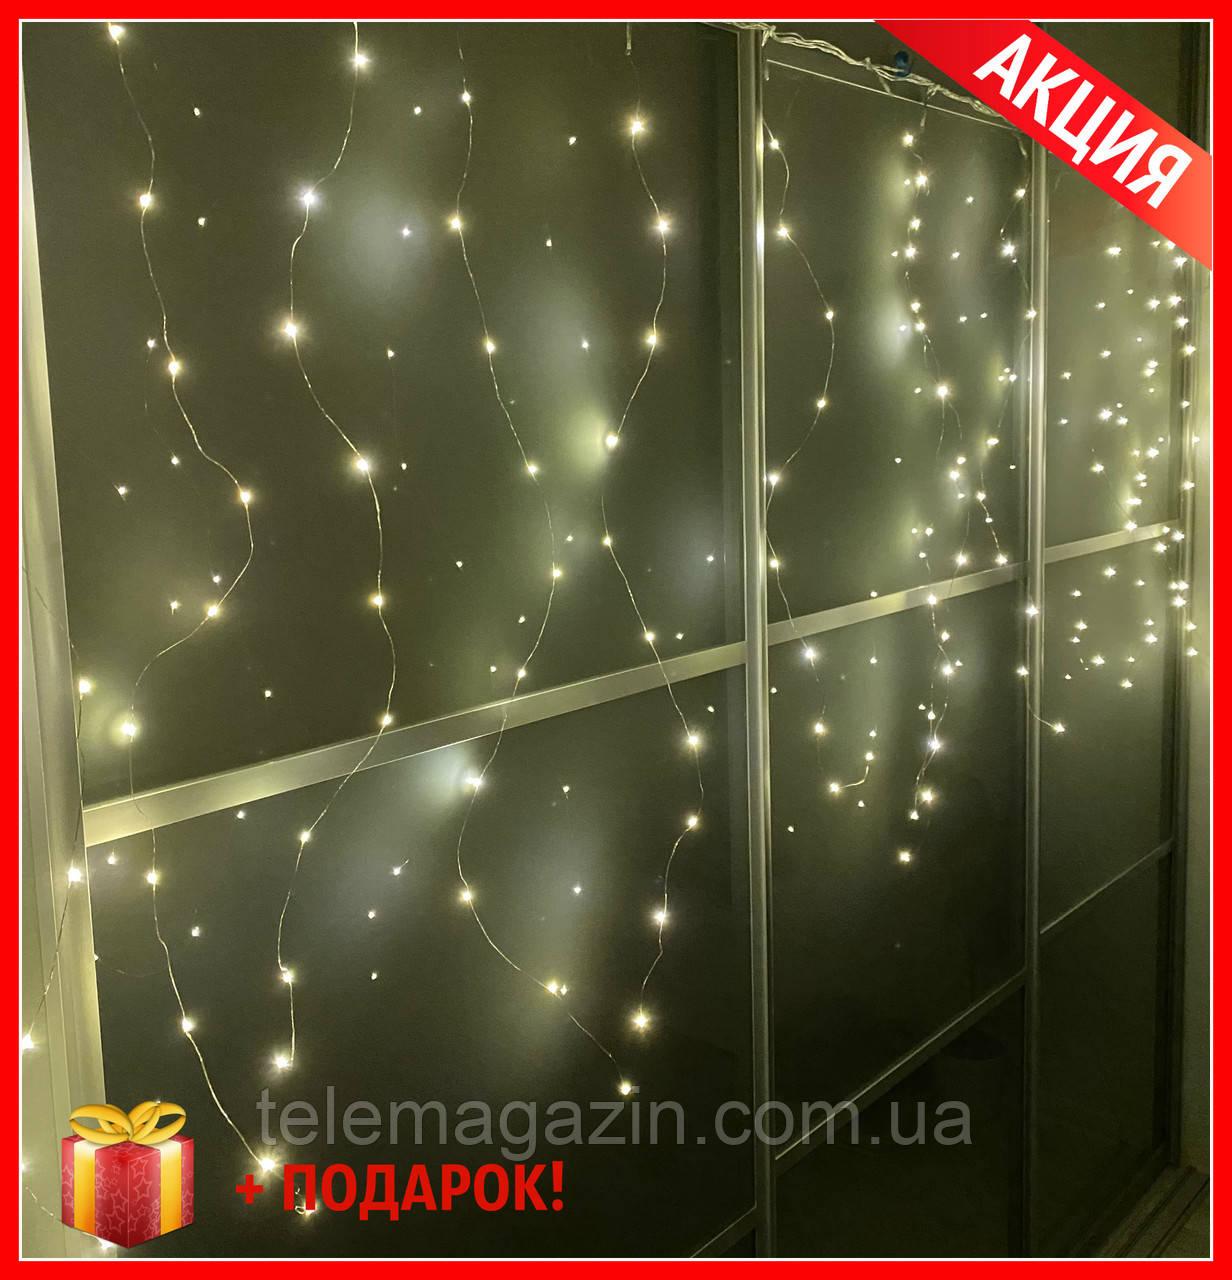 Гирлянда Штора на Медной проволоке 3x1м, 150 LED - Белый теплый цвет  + Подарок!